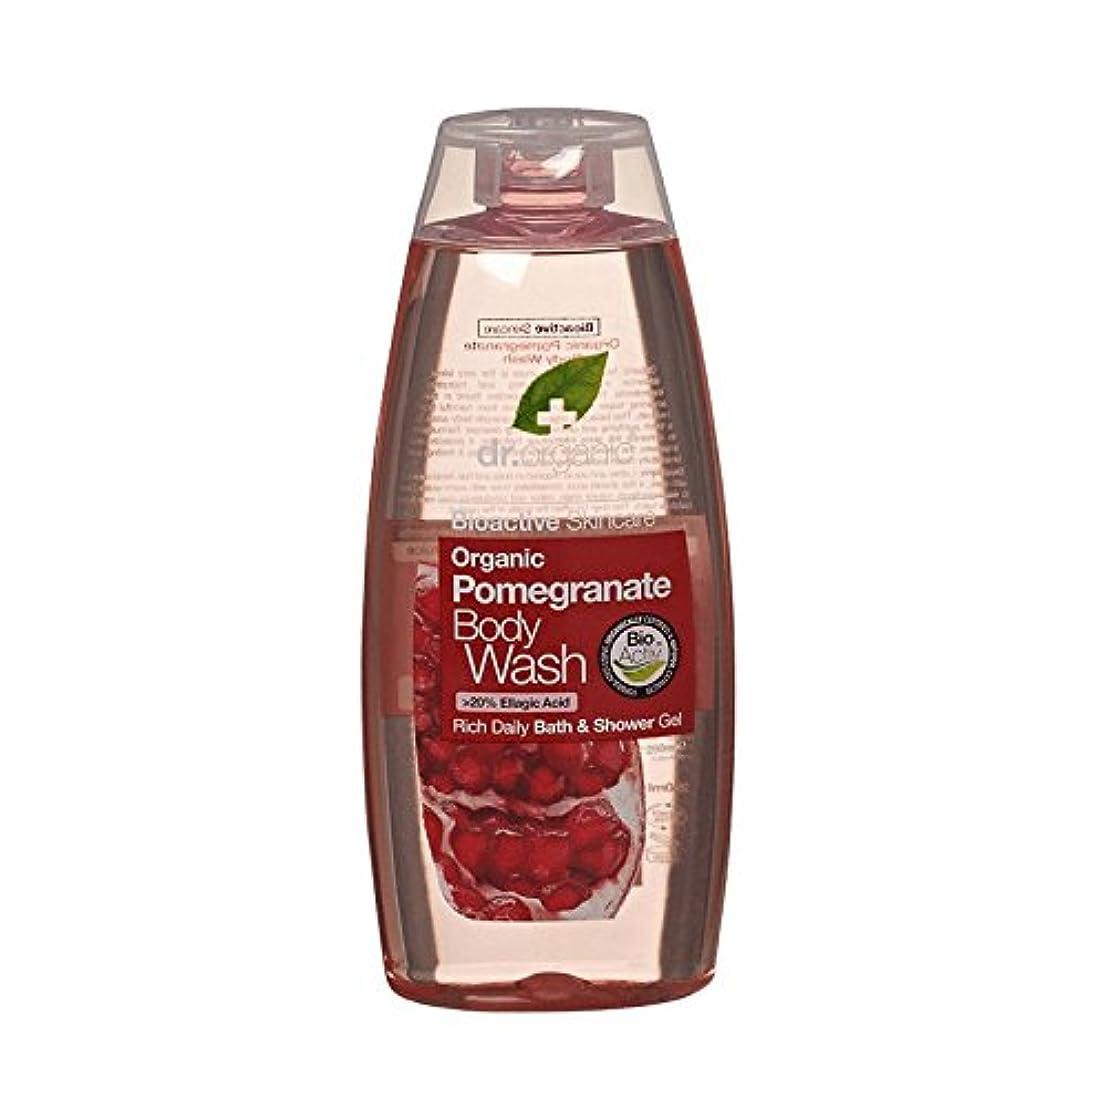 ヘッドレス静脈アクチュエータDr有機ザクロボディウォッシュ - Dr Organic Pomegranate Body Wash (Dr Organic) [並行輸入品]